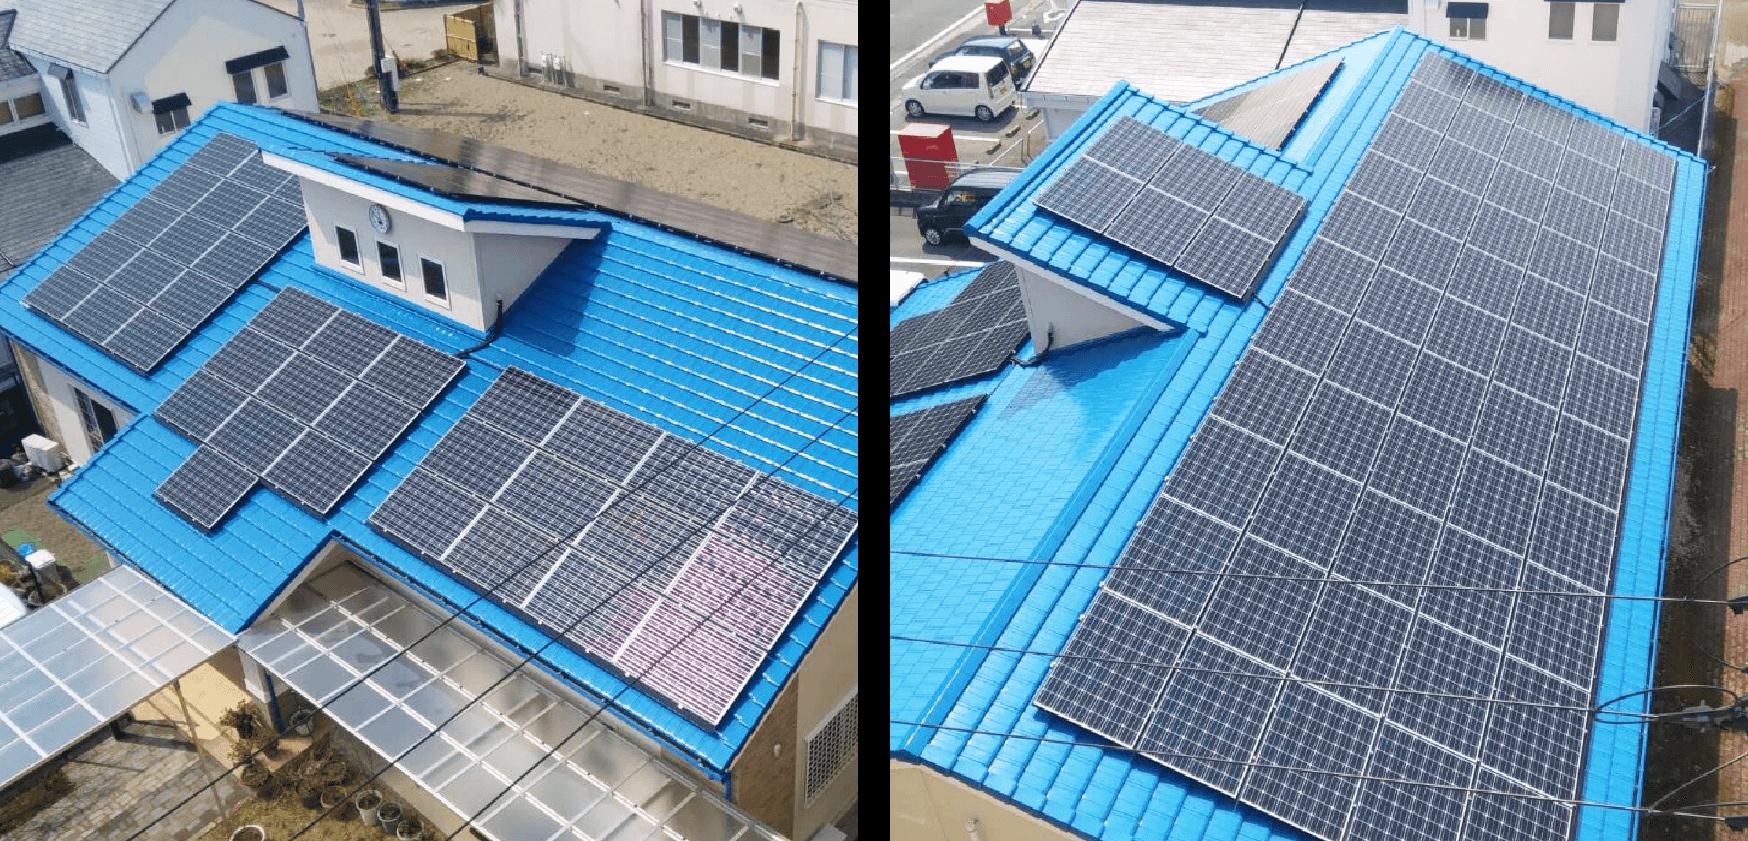 太陽光パネルの設置事例の画像